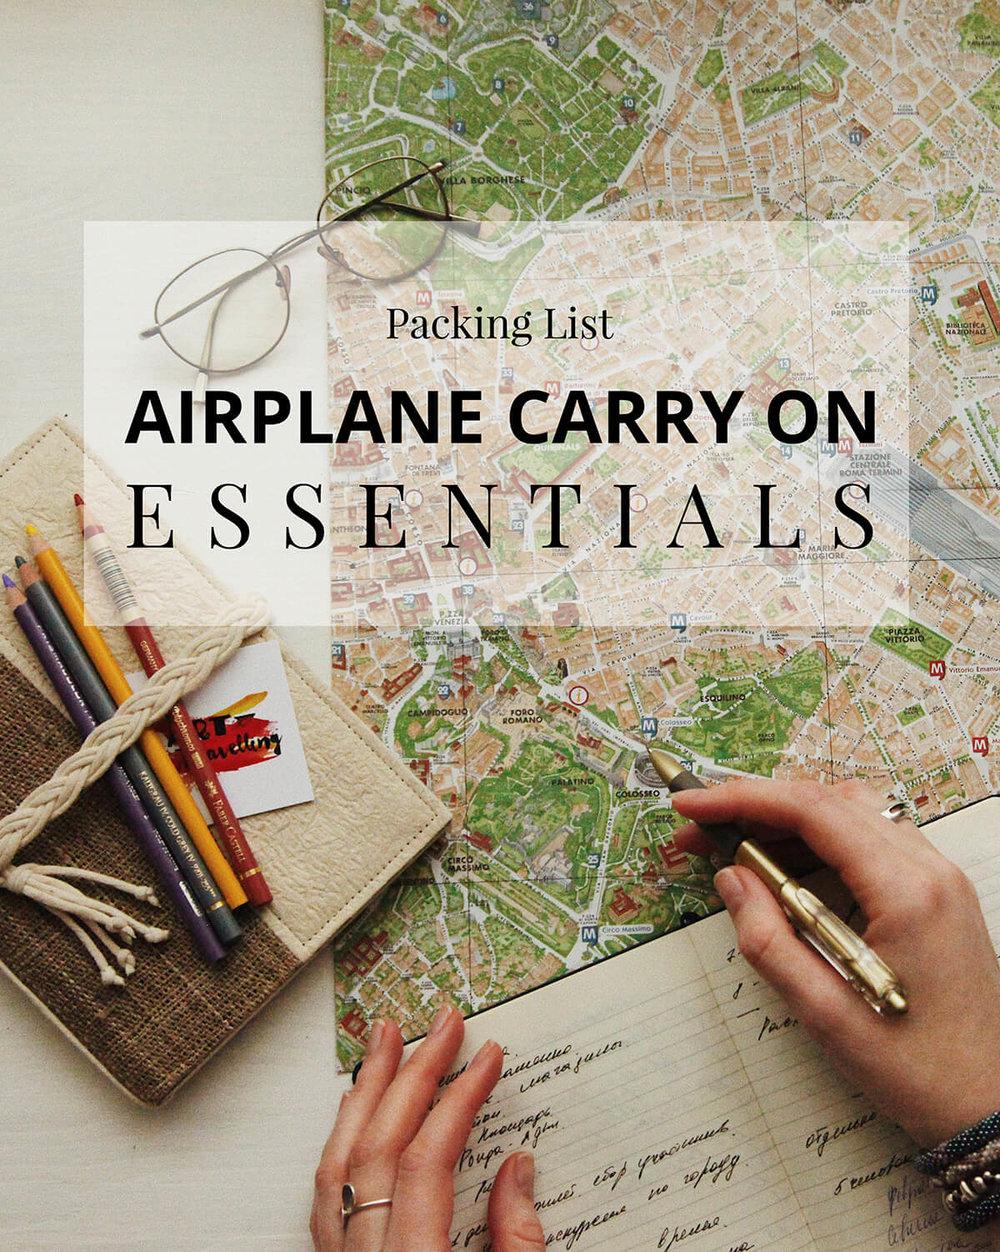 X-MustBringAirplaneEssentialsPackingList (1).jpg